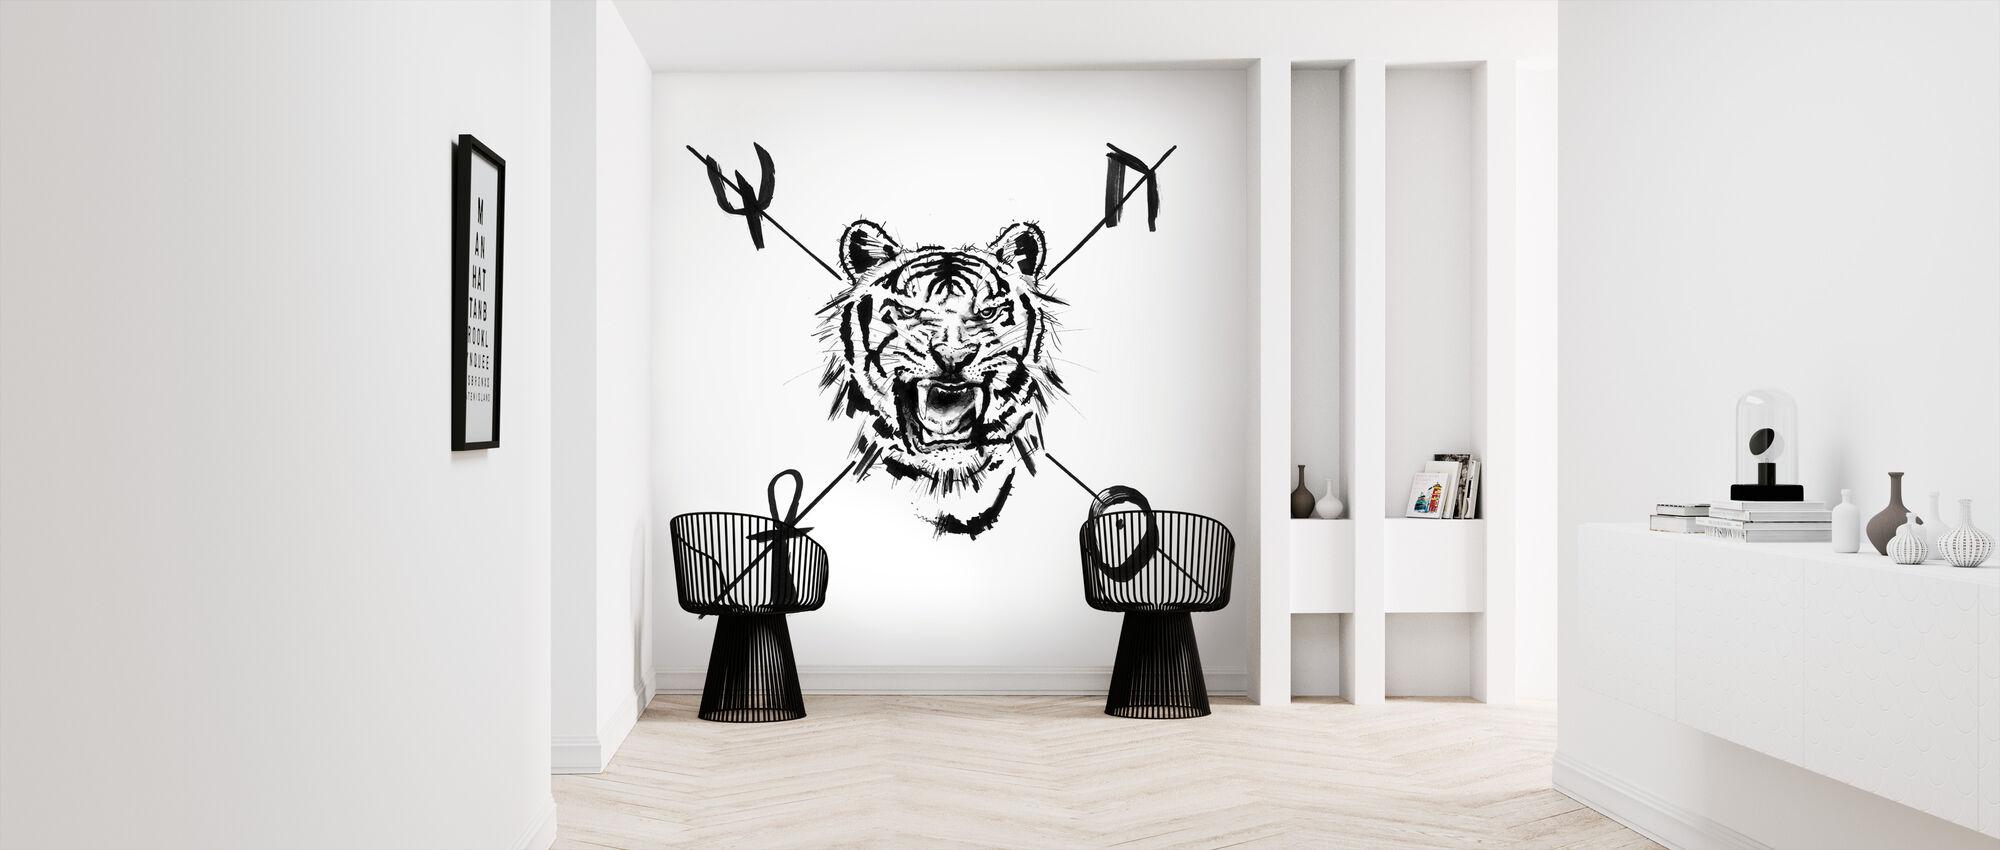 Mystic Tiger - Wallpaper - Hallway